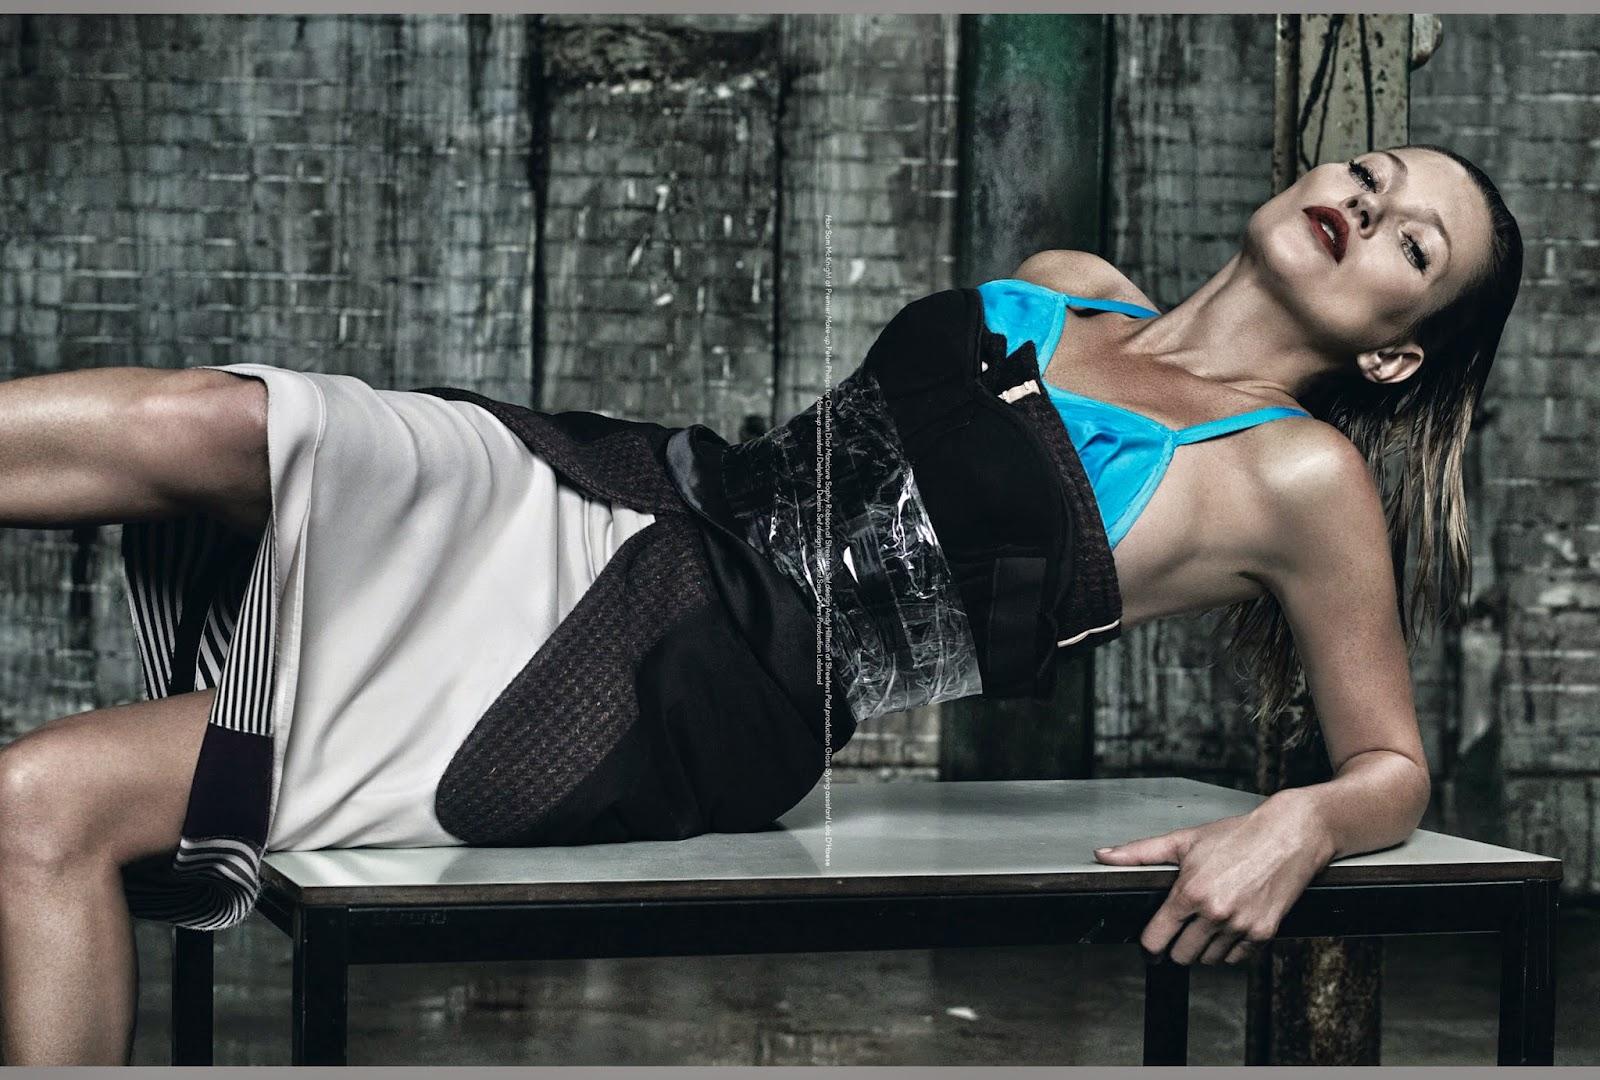 Кейт Мосс в новой фотосессии